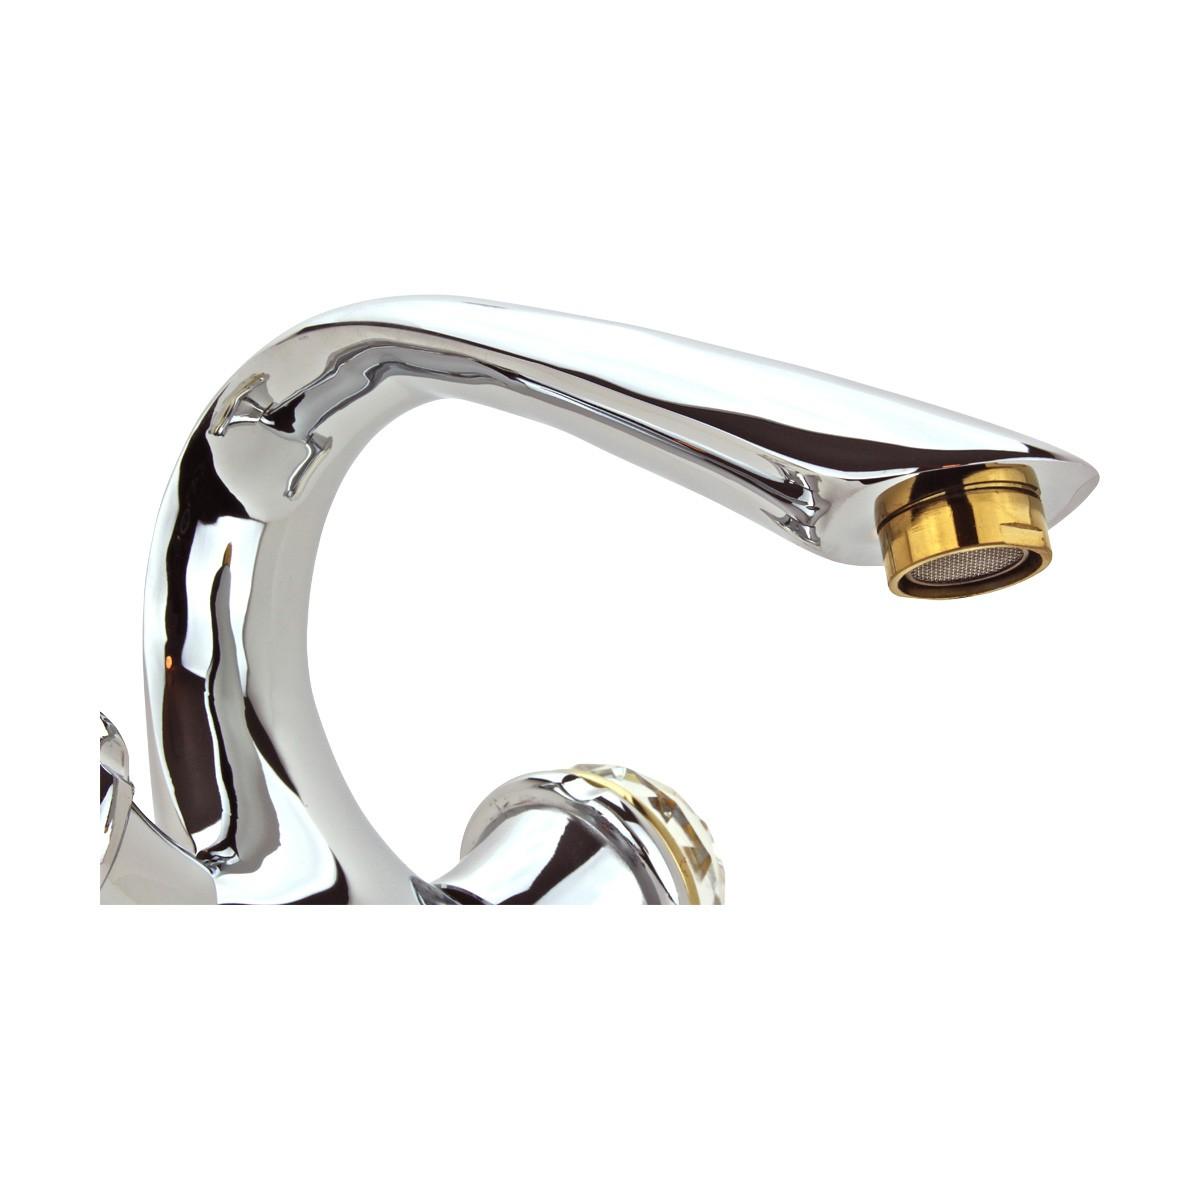 Bathroom Faucet Swan Spout Chrome Single Hole 2 Handles Faucets Bathroom Faucets Single Hole Faucet